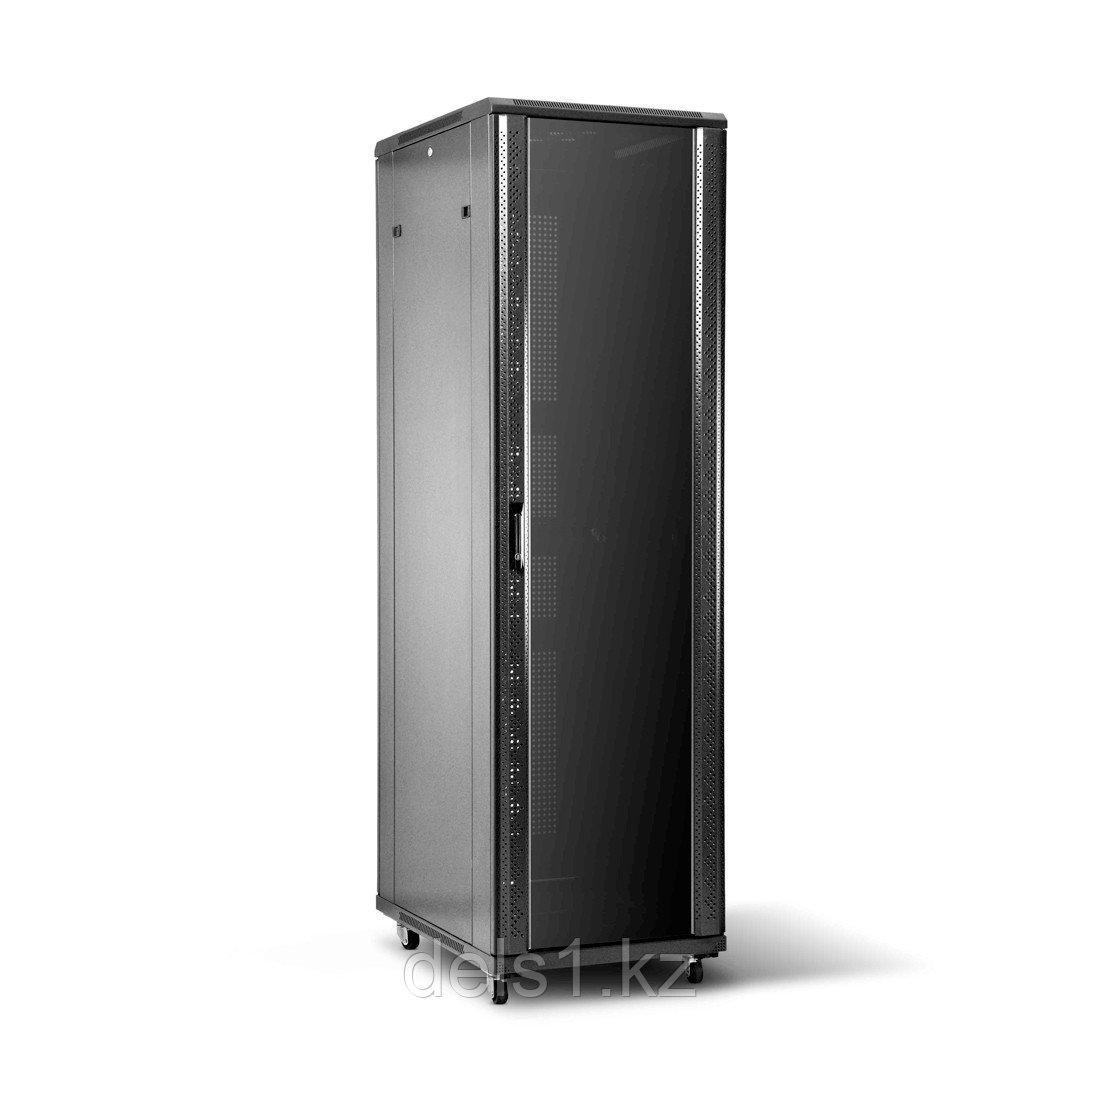 Шкаф серверный напольный SHIP 601S.6838.24.100 38U 600*800*1800 мм